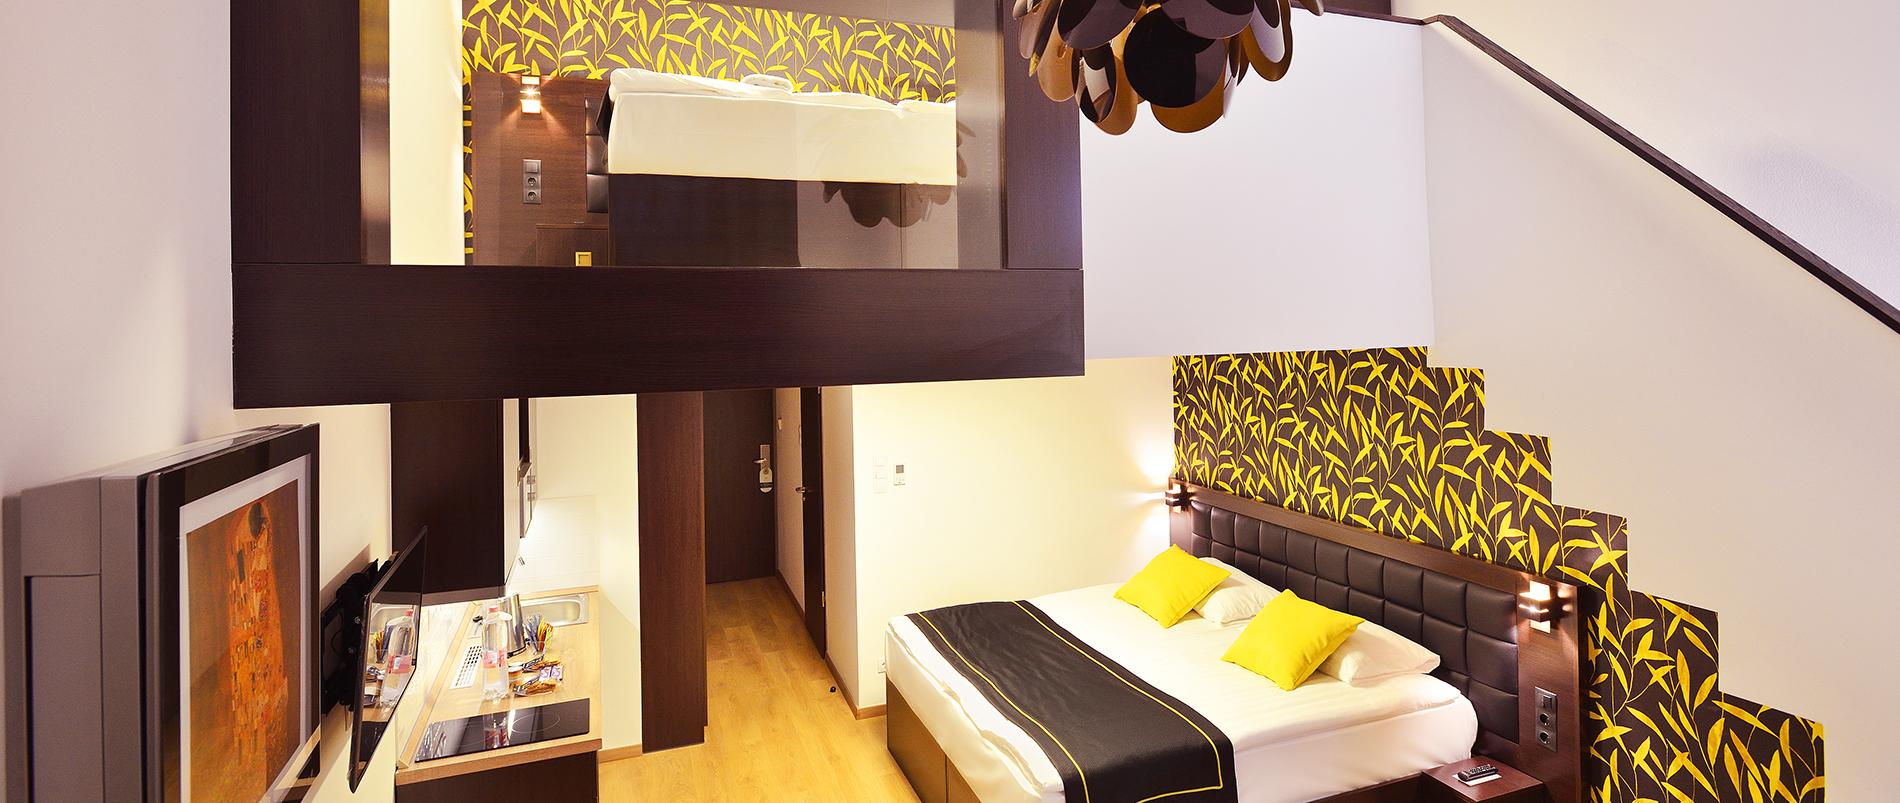 hotel-vilagtas-belight-opera-garden-l3